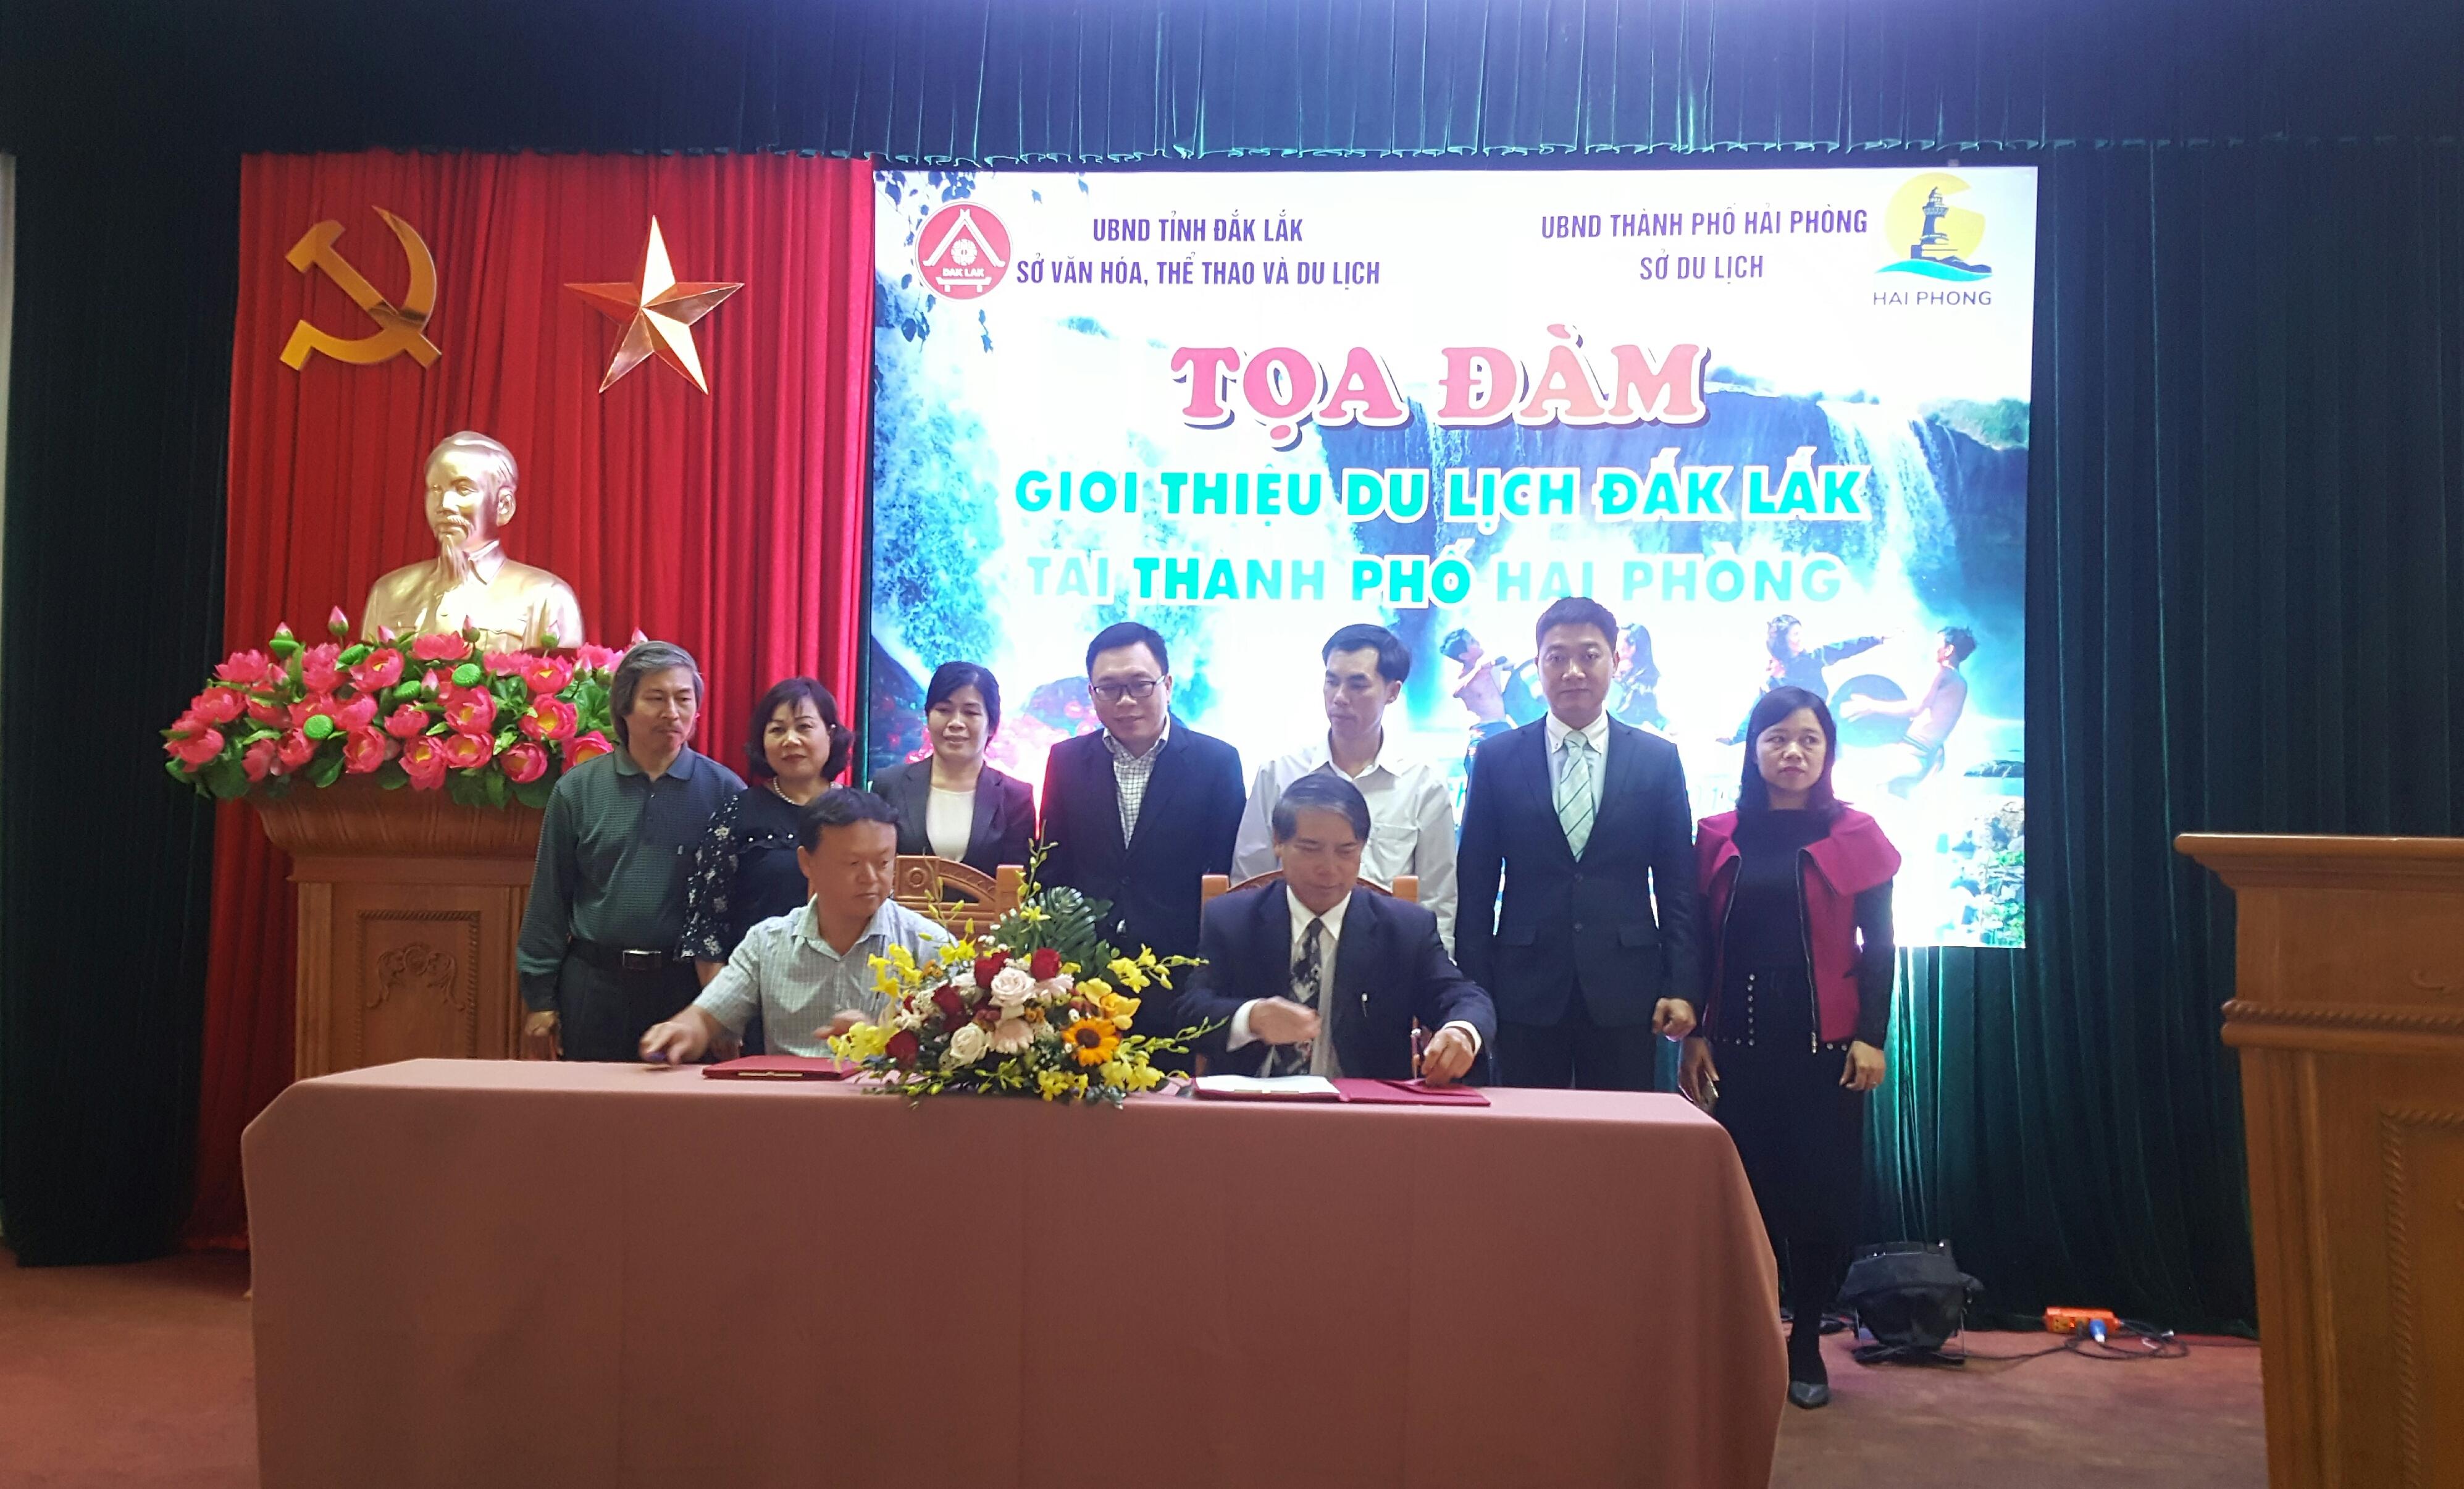 Giới thiệu du lịch Đắk Lắk tại Quảng Ninh và Hải Phòng